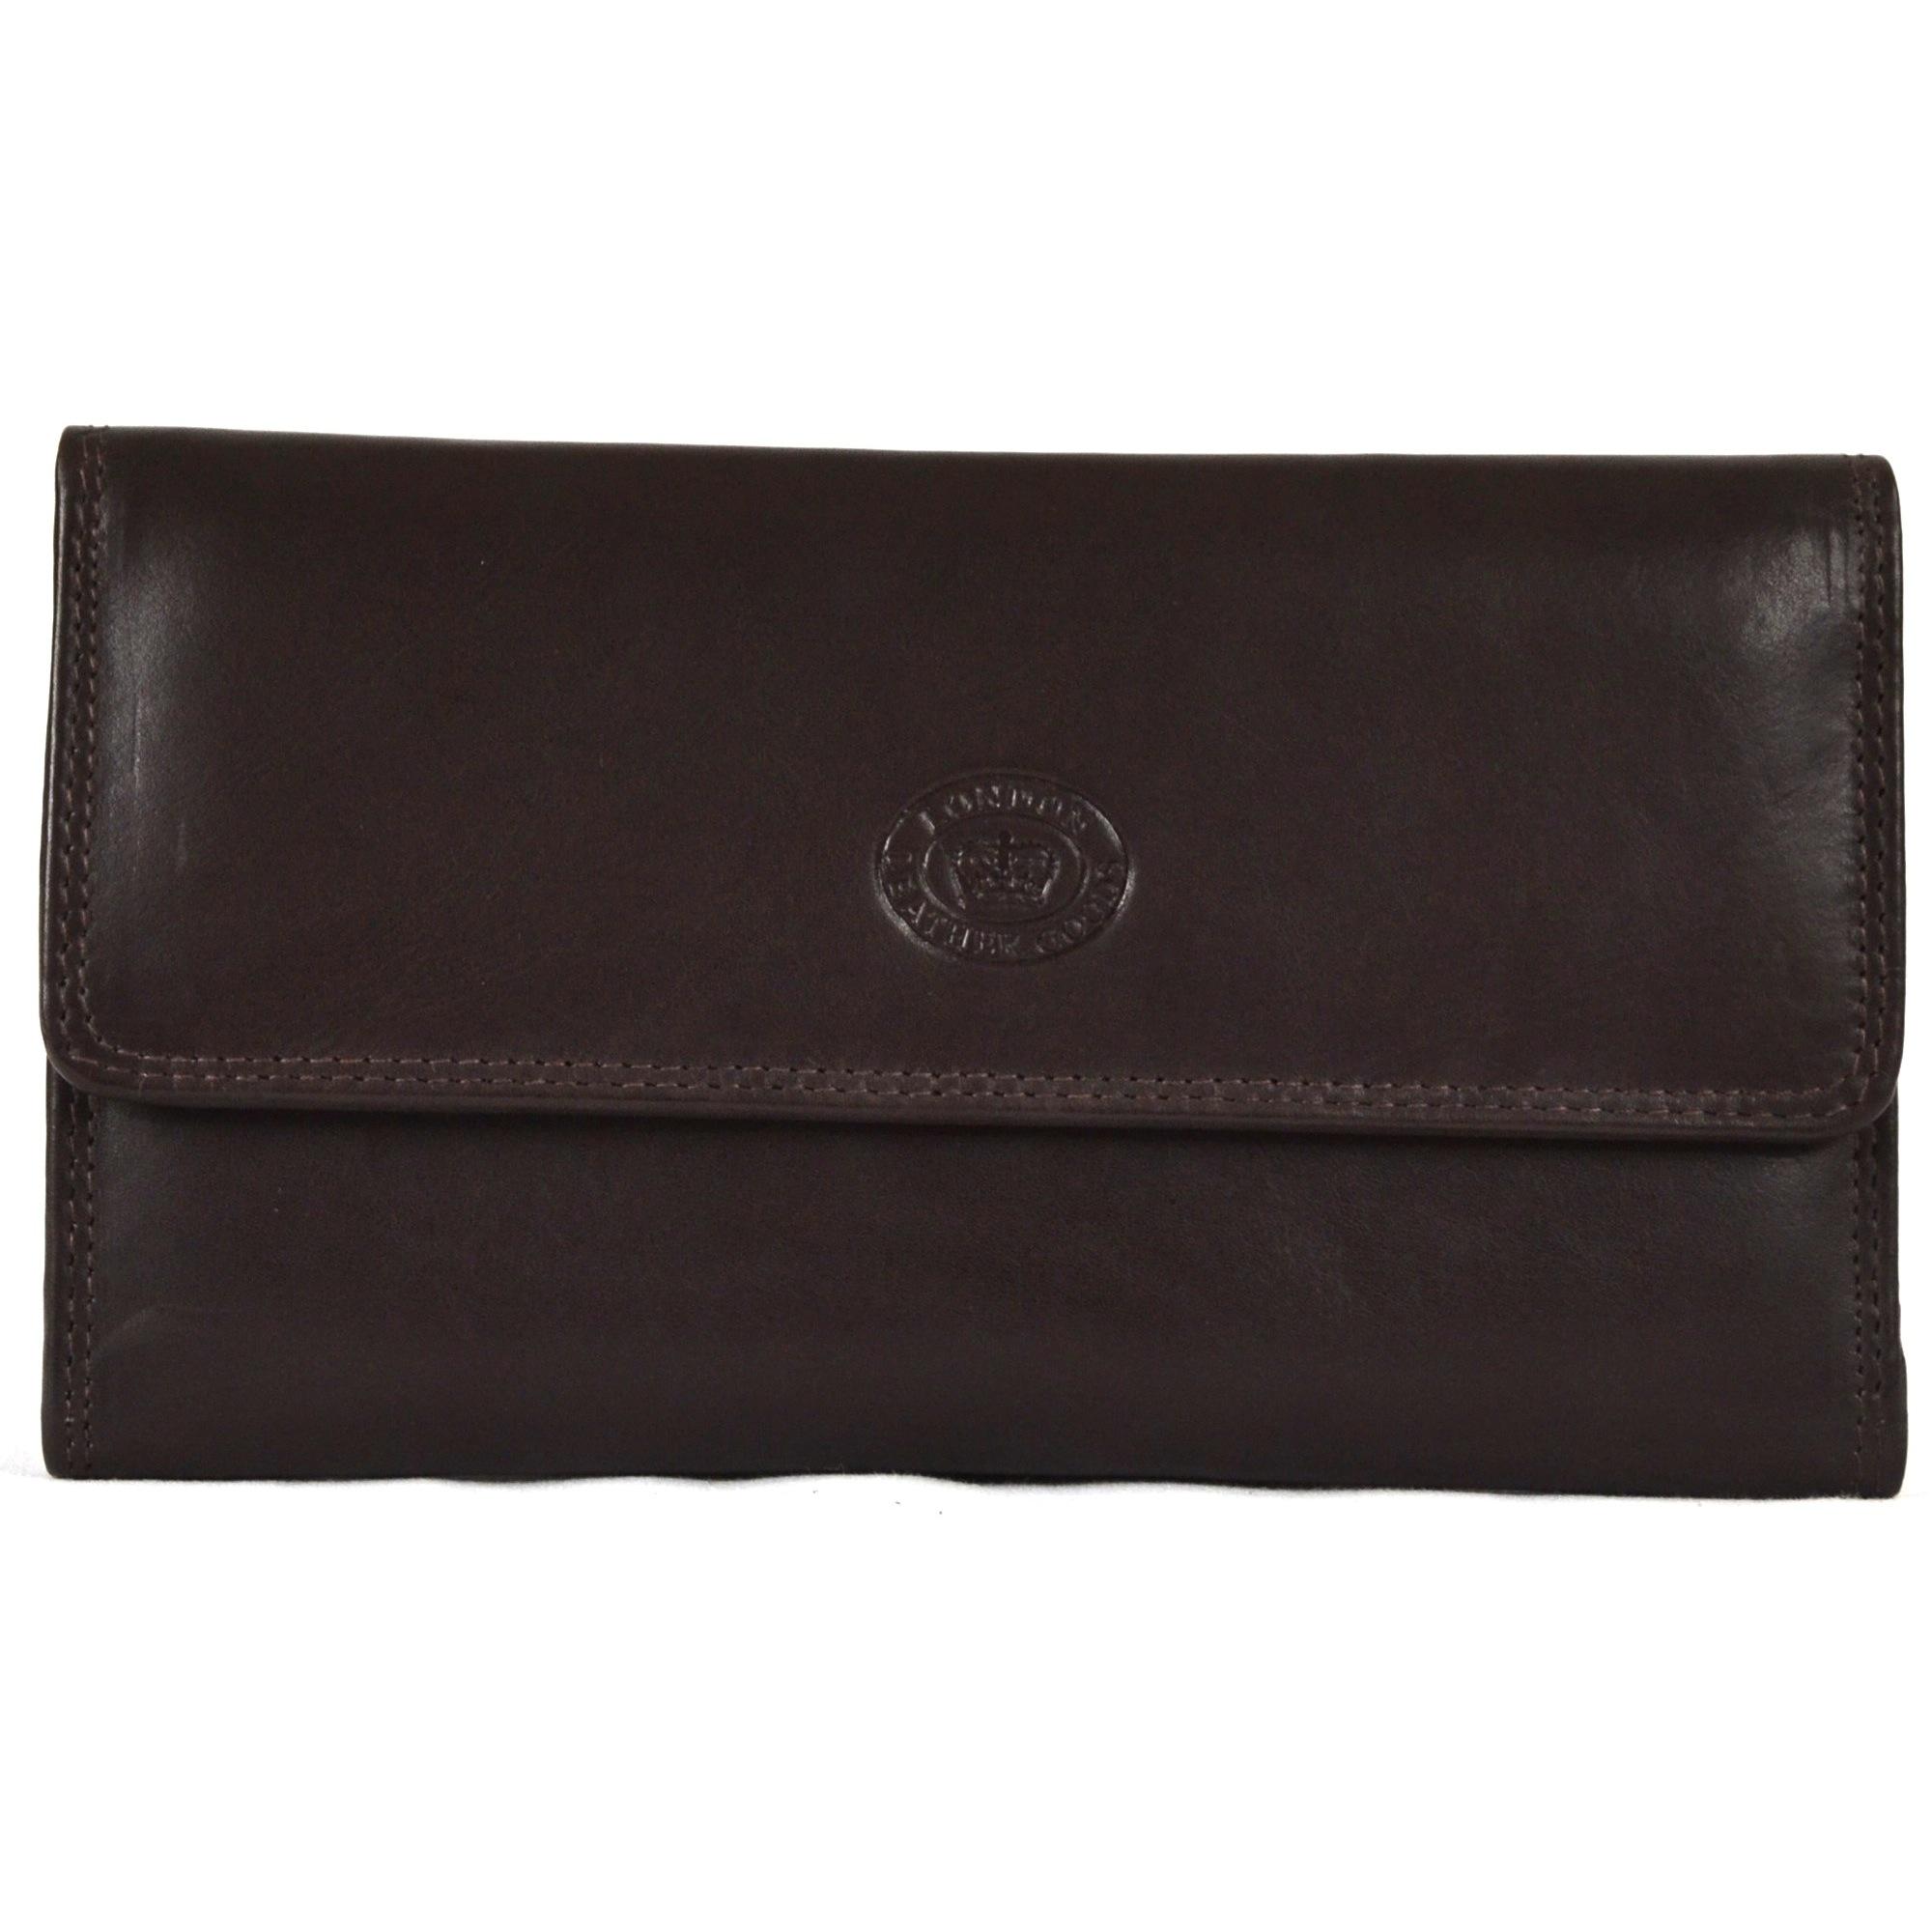 Large Soft Nappa Leather Matinee Purse